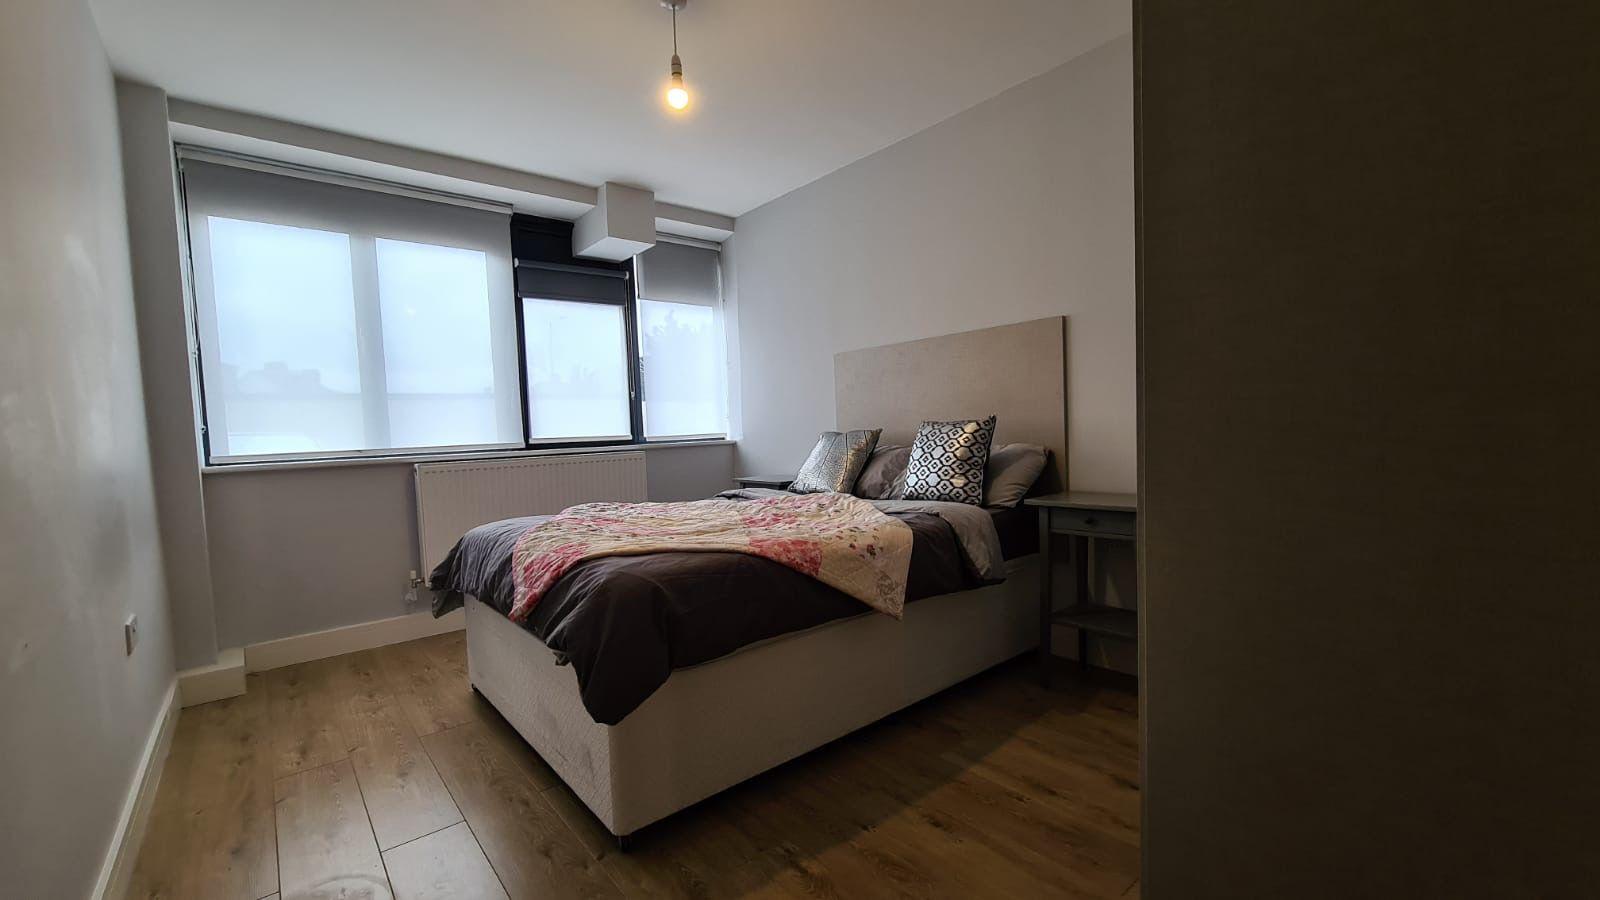 1 bedroom flat flat/apartment To Let in Kingsbury - Bedroom